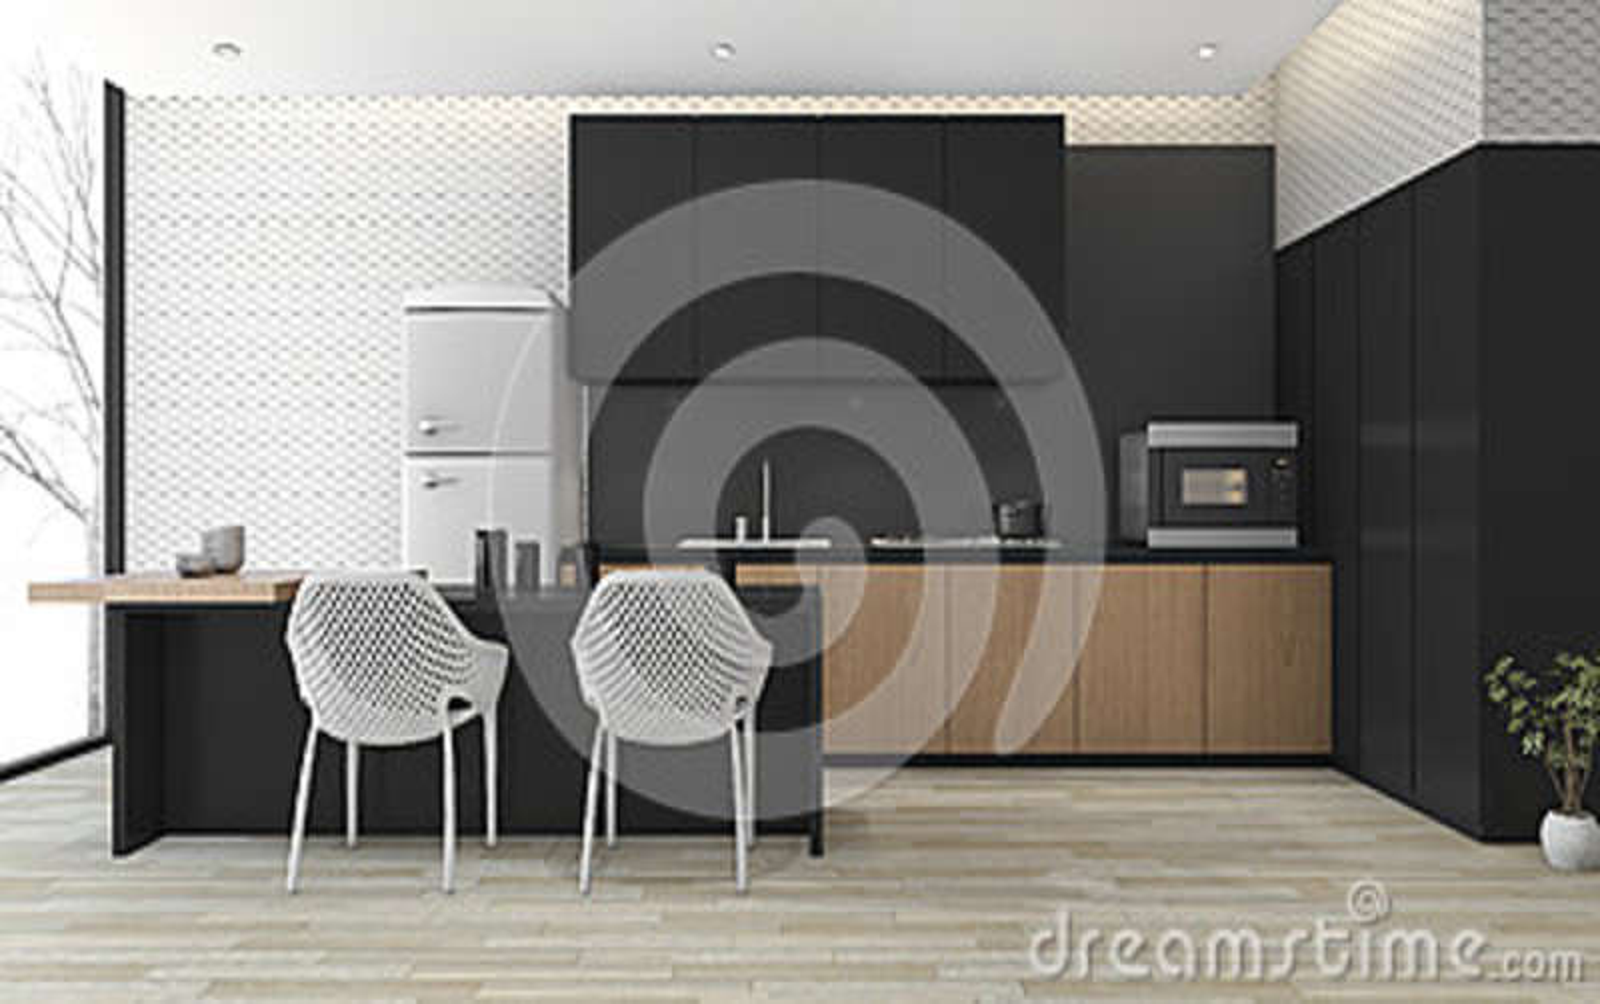 Moderne Zwarte Keuken : D het teruggeven moderne zwarte keuken met houten vloer dichtbij